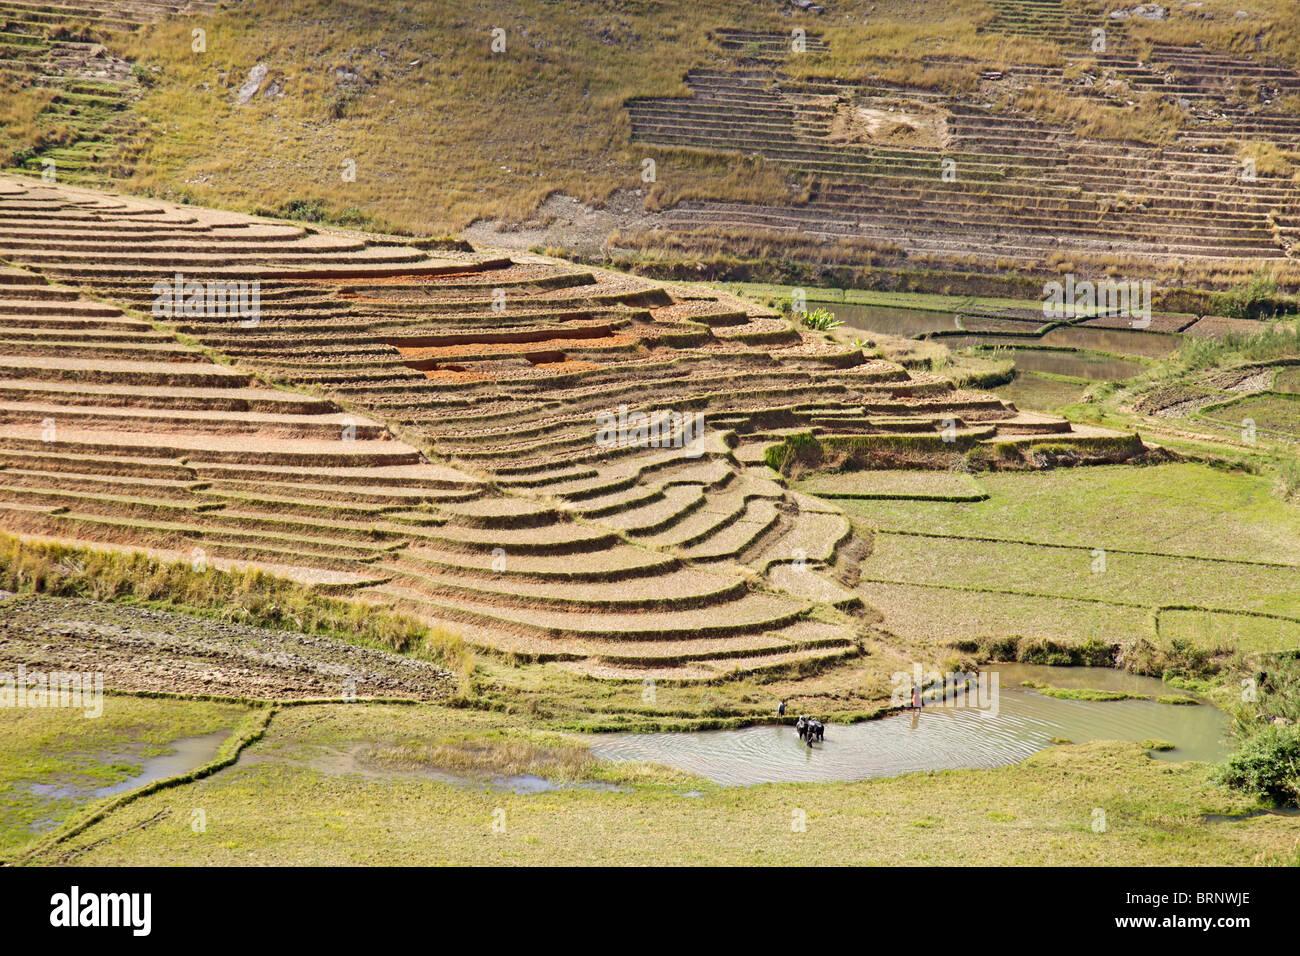 Terrassement et paddyfields dans les hauts plateaux du centre ou de Madagascar Photo Stock